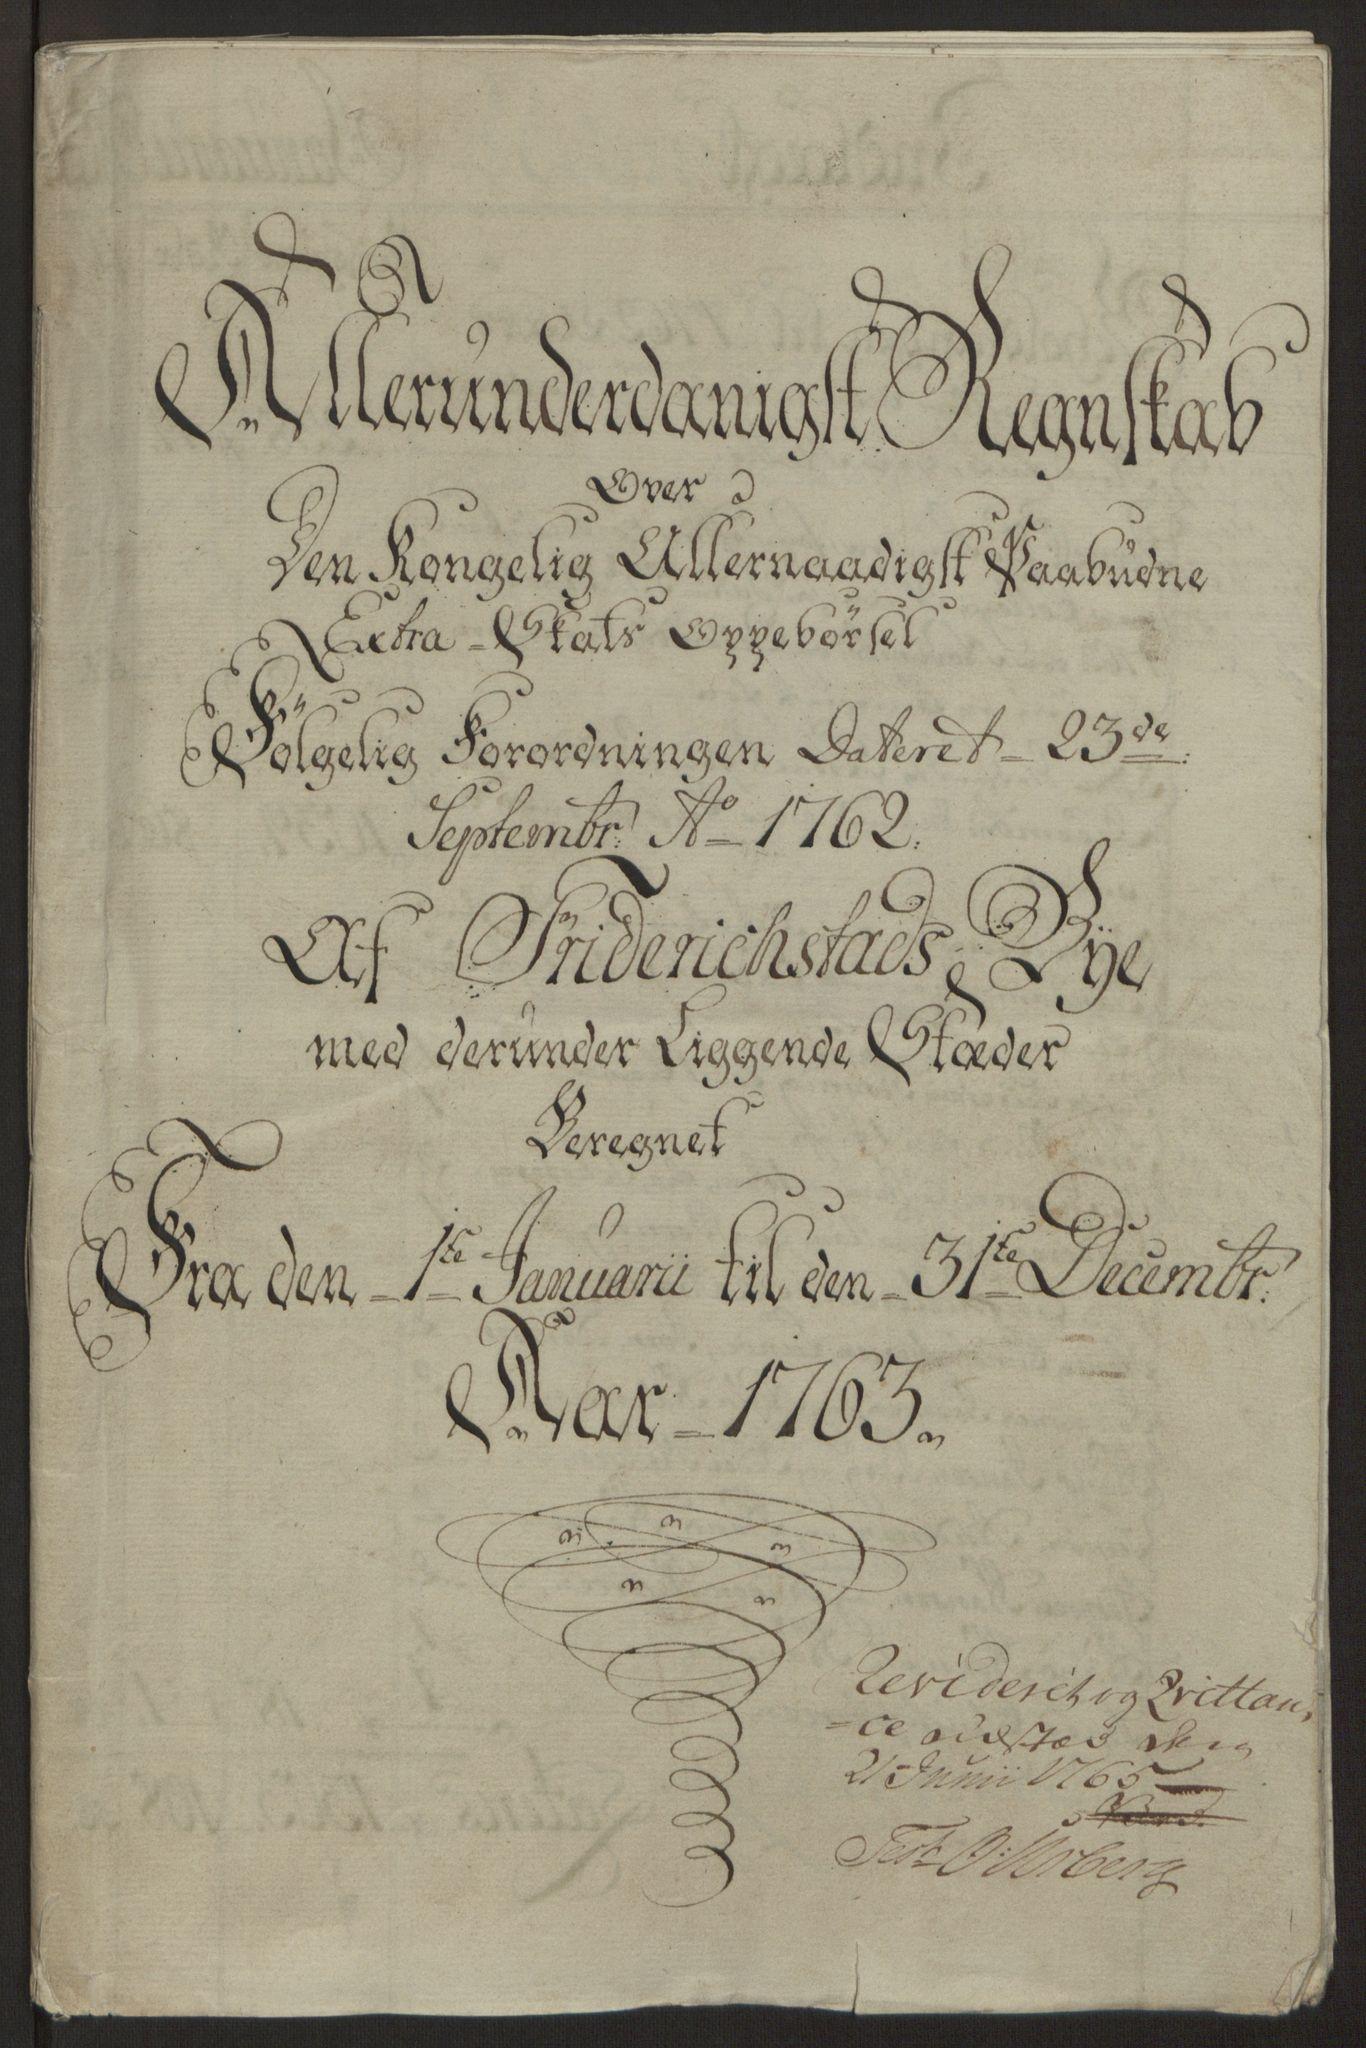 RA, Rentekammeret inntil 1814, Reviderte regnskaper, Byregnskaper, R/Rb/L0029: [B3] Kontribusjonsregnskap, 1762-1772, s. 58